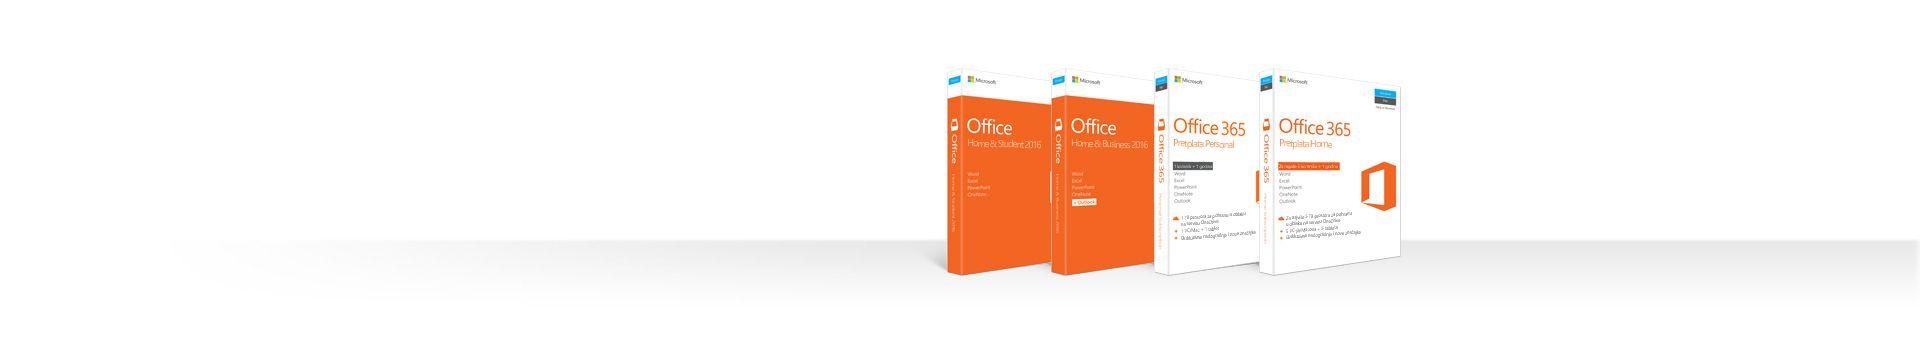 Red kutija s proizvodima sustava Office 2016 i Office 365 za Mac